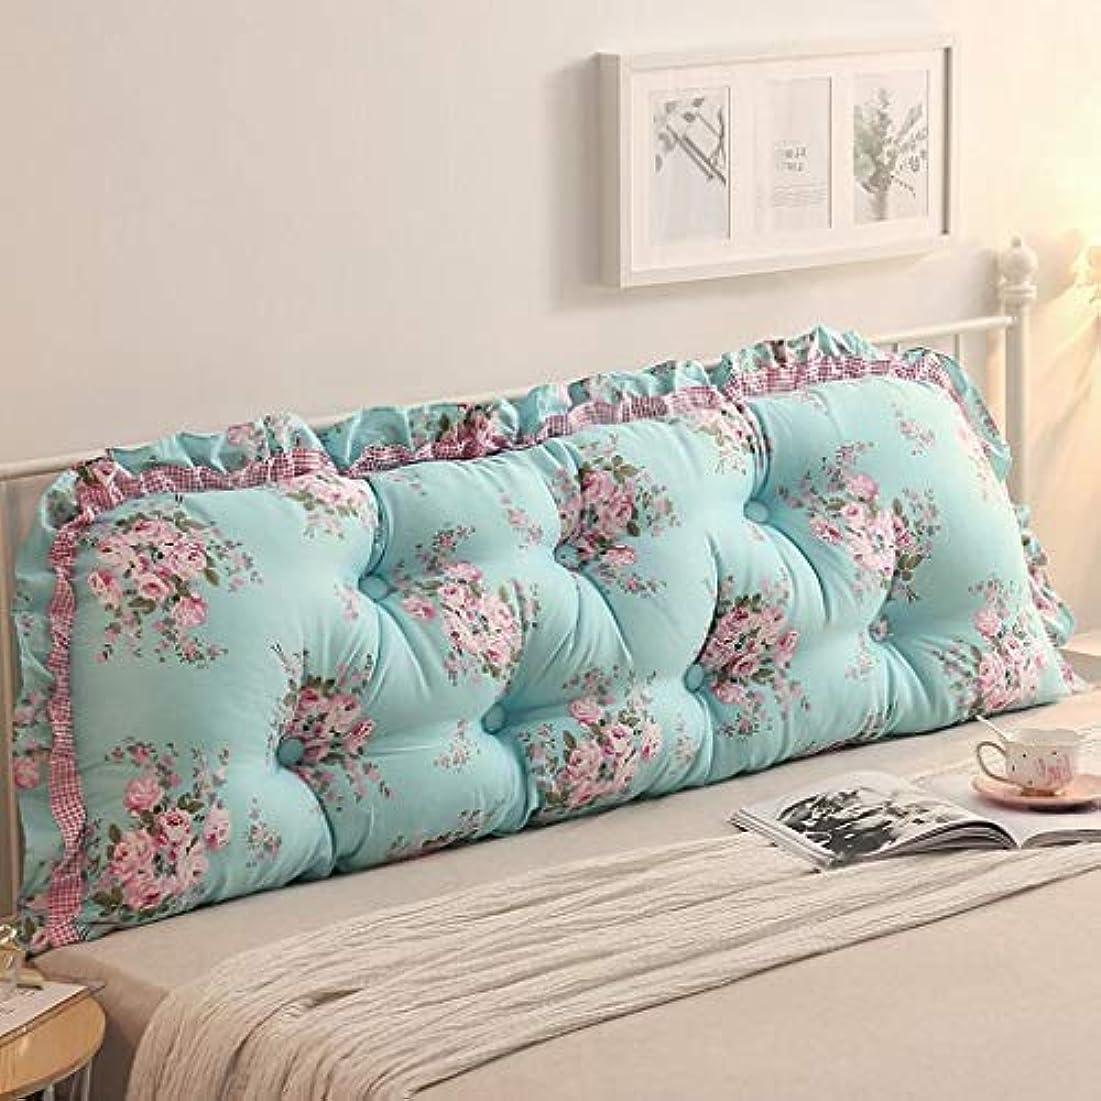 誠実さ実り多い蒸気コットンベッドヘッドクッションベッド枕大背もたれリムーバブルソファ枕枕ウエストベッドバッククッション Zsetop (Color : C, Size : 120cm)